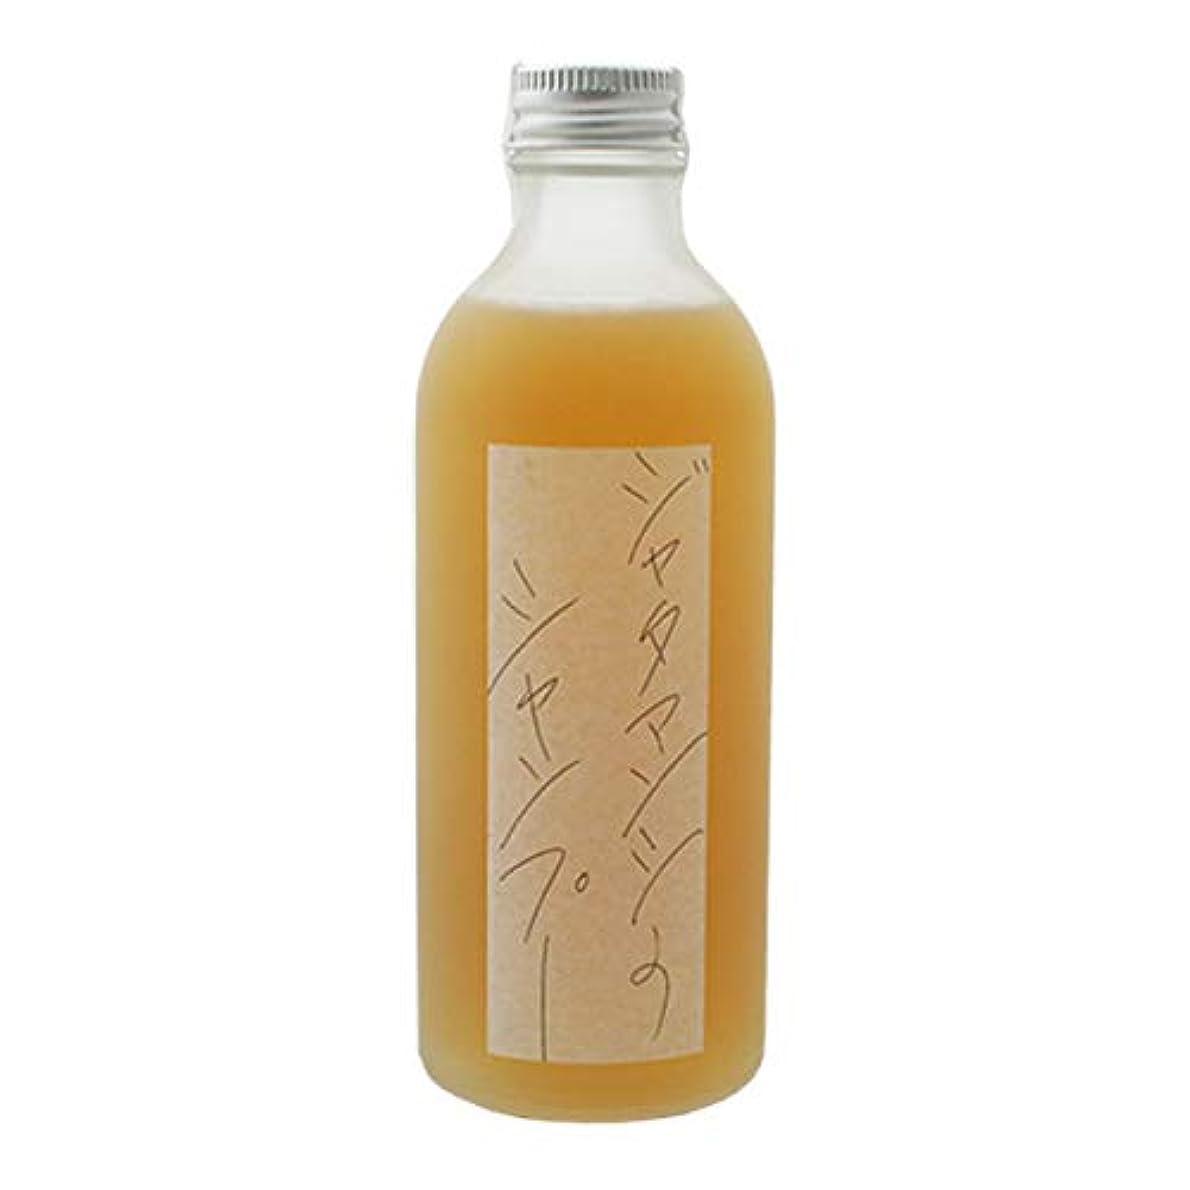 レモン驚かす肌Babaghuri ババグーリ|ジャタマンシのシャンプー ■ヨーガンレール / 天然素材 / 石けんシャンプー / スパイクナード